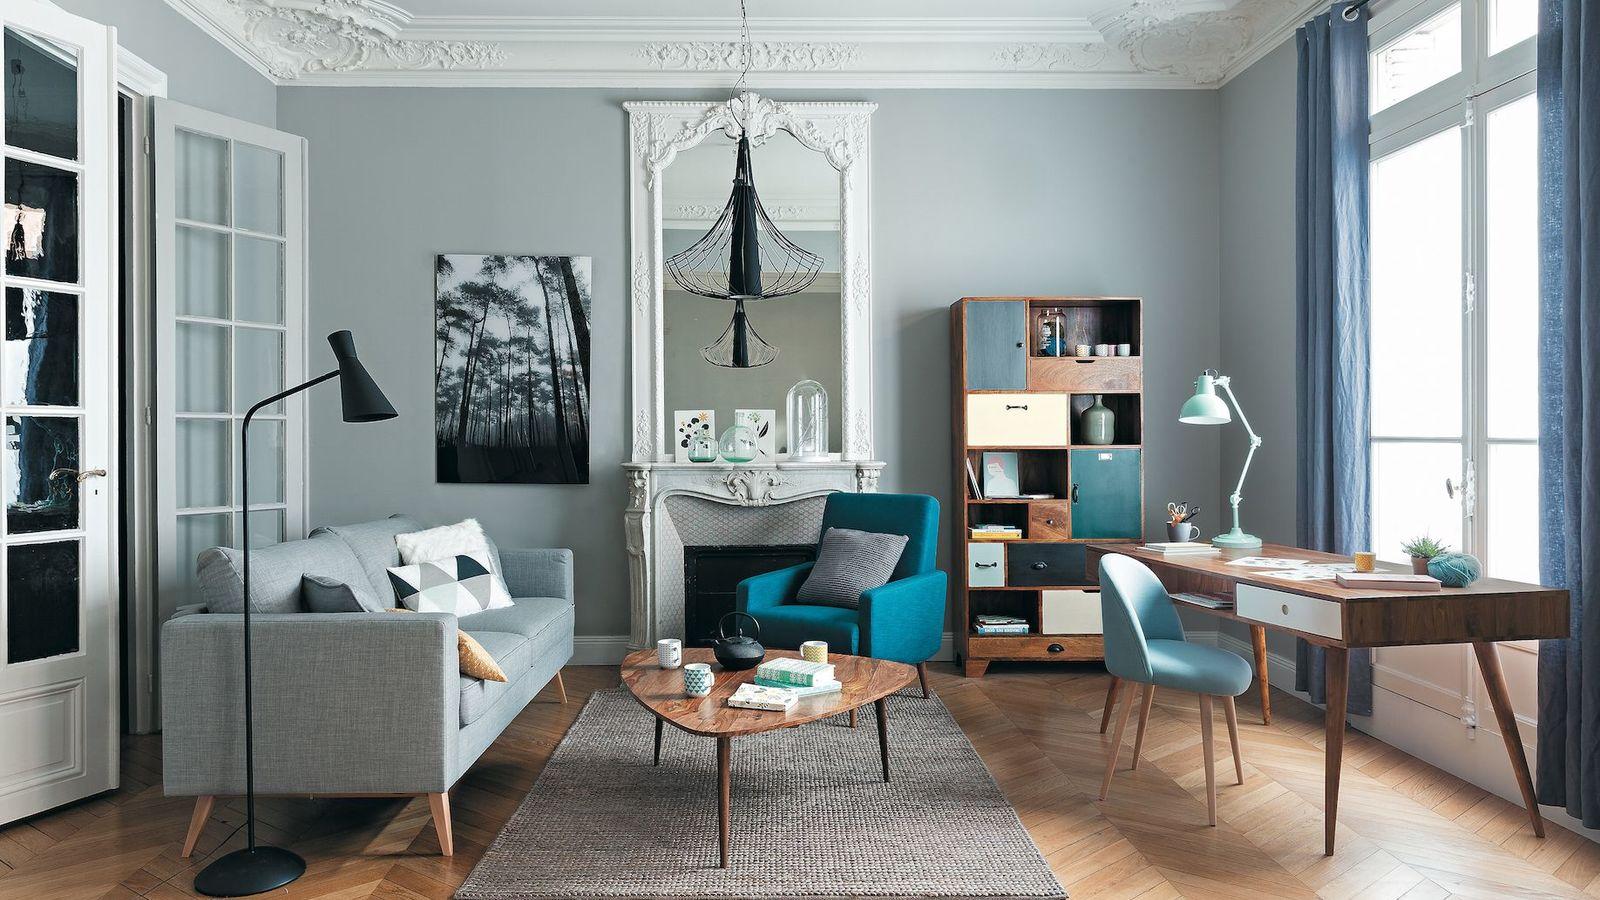 Los 6 errores que debe evitar al decorar su vivienda for Como decorar mi departamento pequeno